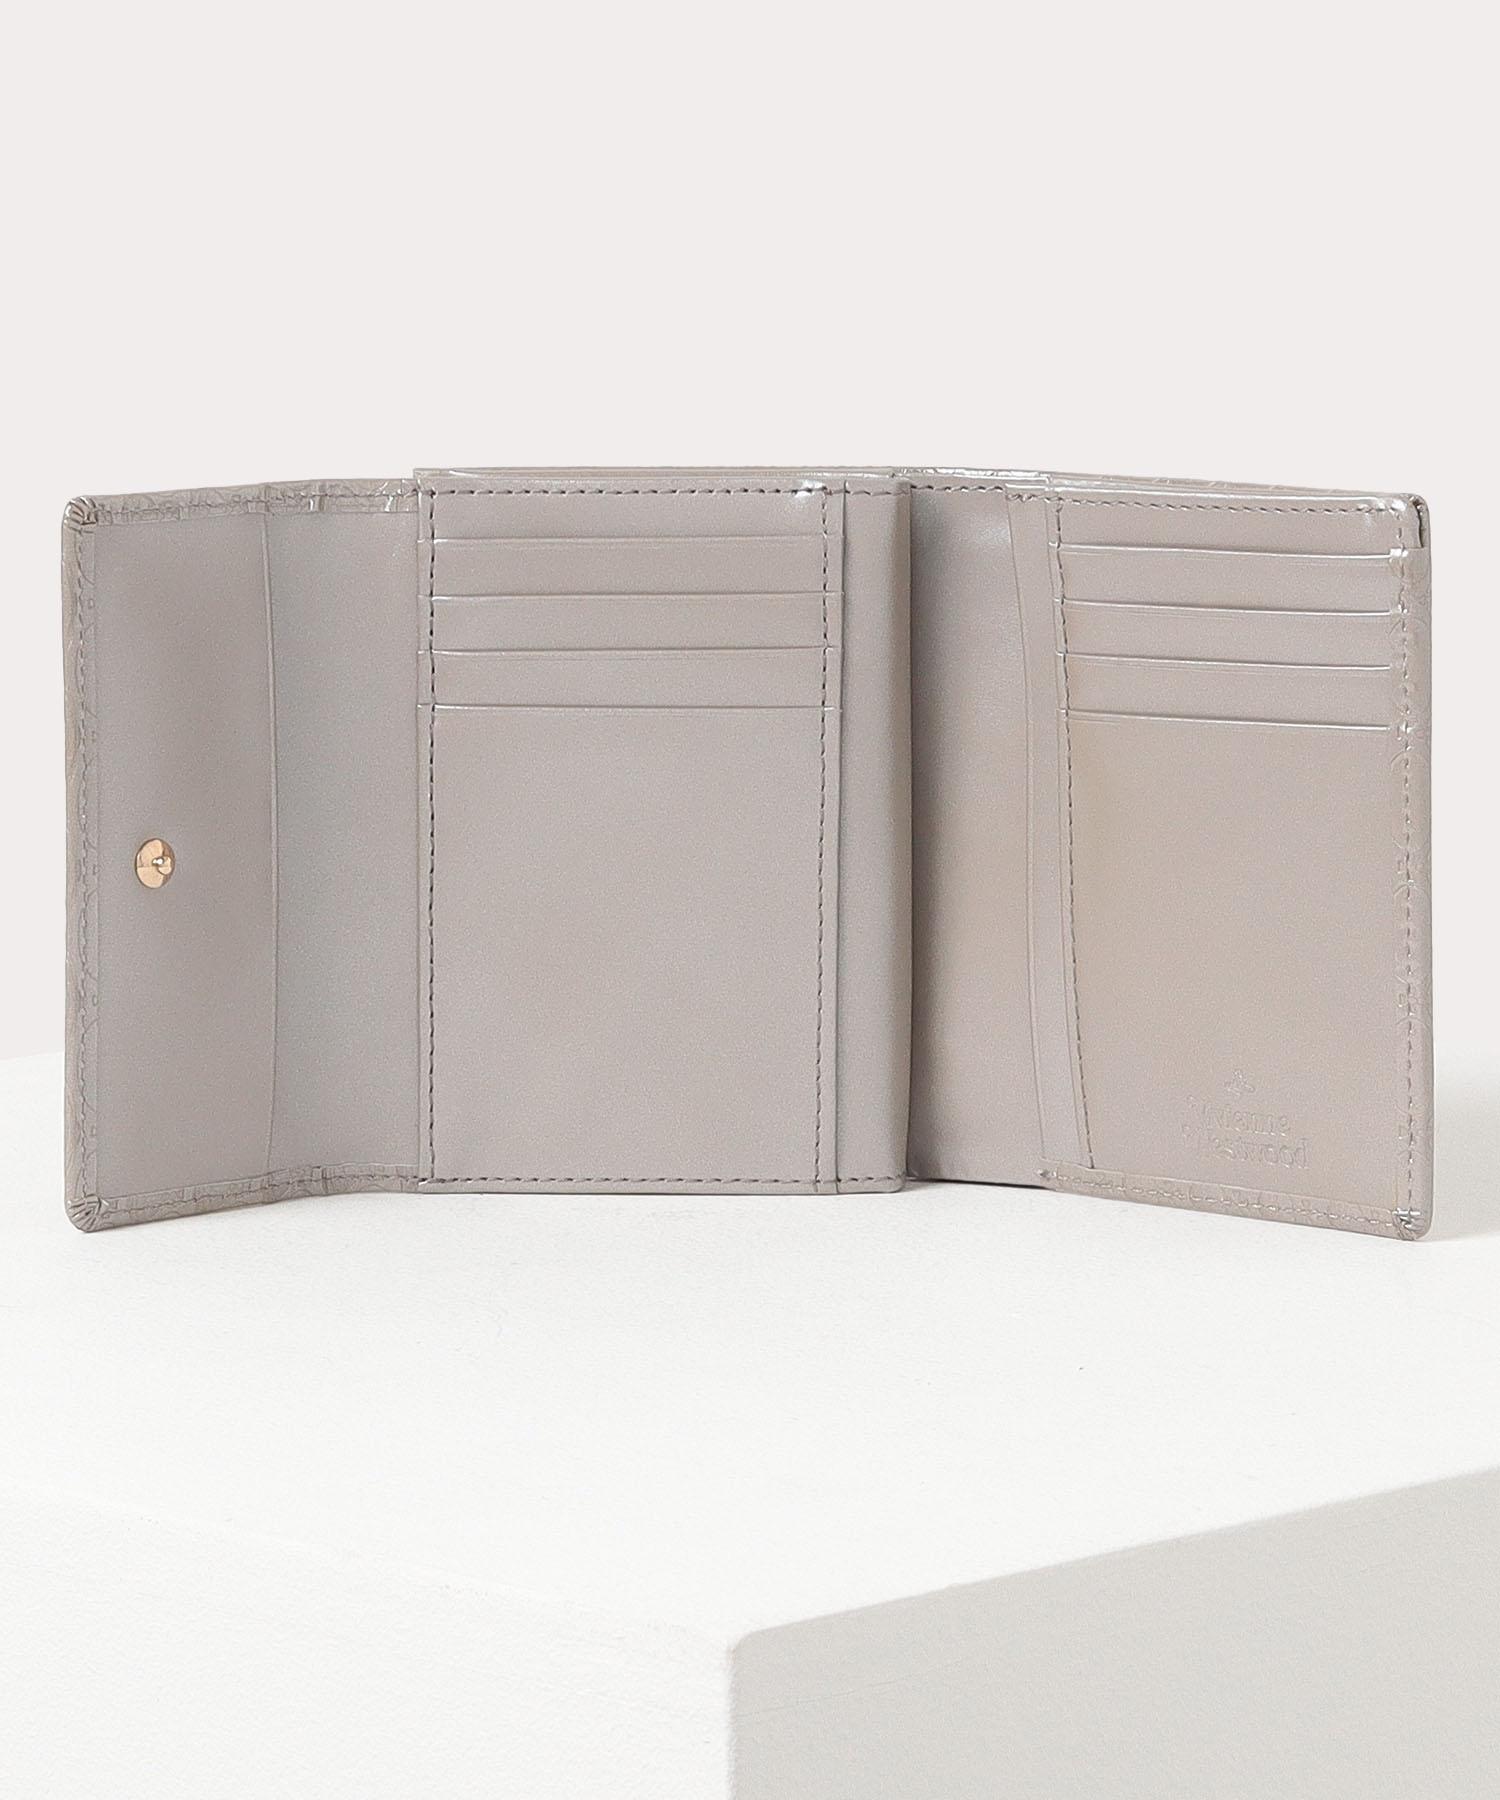 オンラインショップ限定 OVAL ORB 口金二つ折り財布